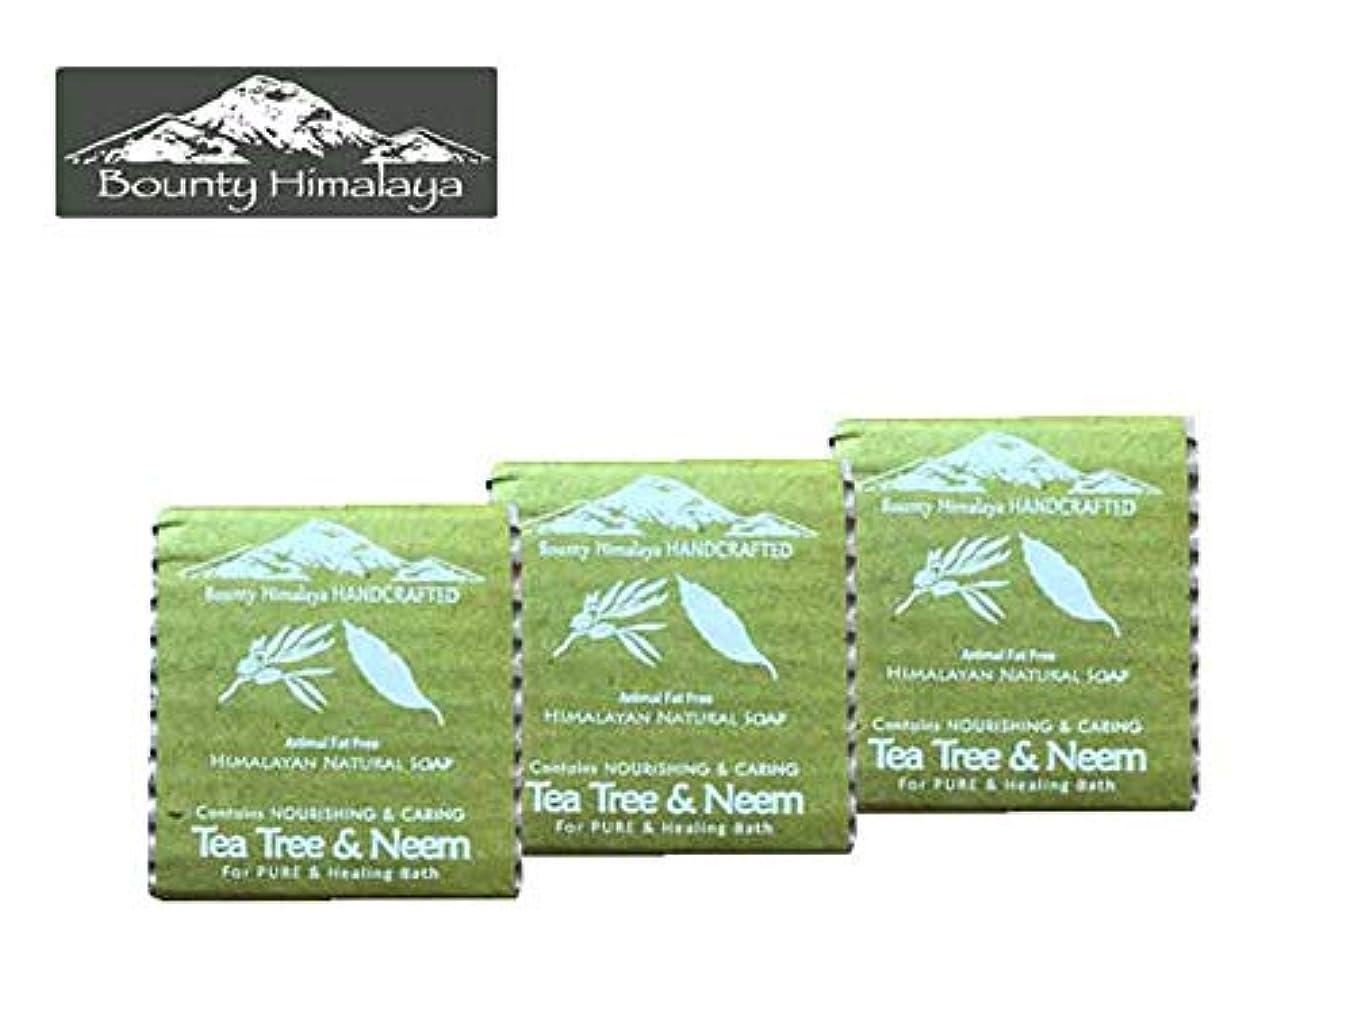 差別的差別化するシーズンアーユルヴェーダ ヒマラヤ ティーツリー?ニーム ソープ3セット Bounty Himalaya Tea Tree & Neem SOAP(NEPAL AYURVEDA) 100g